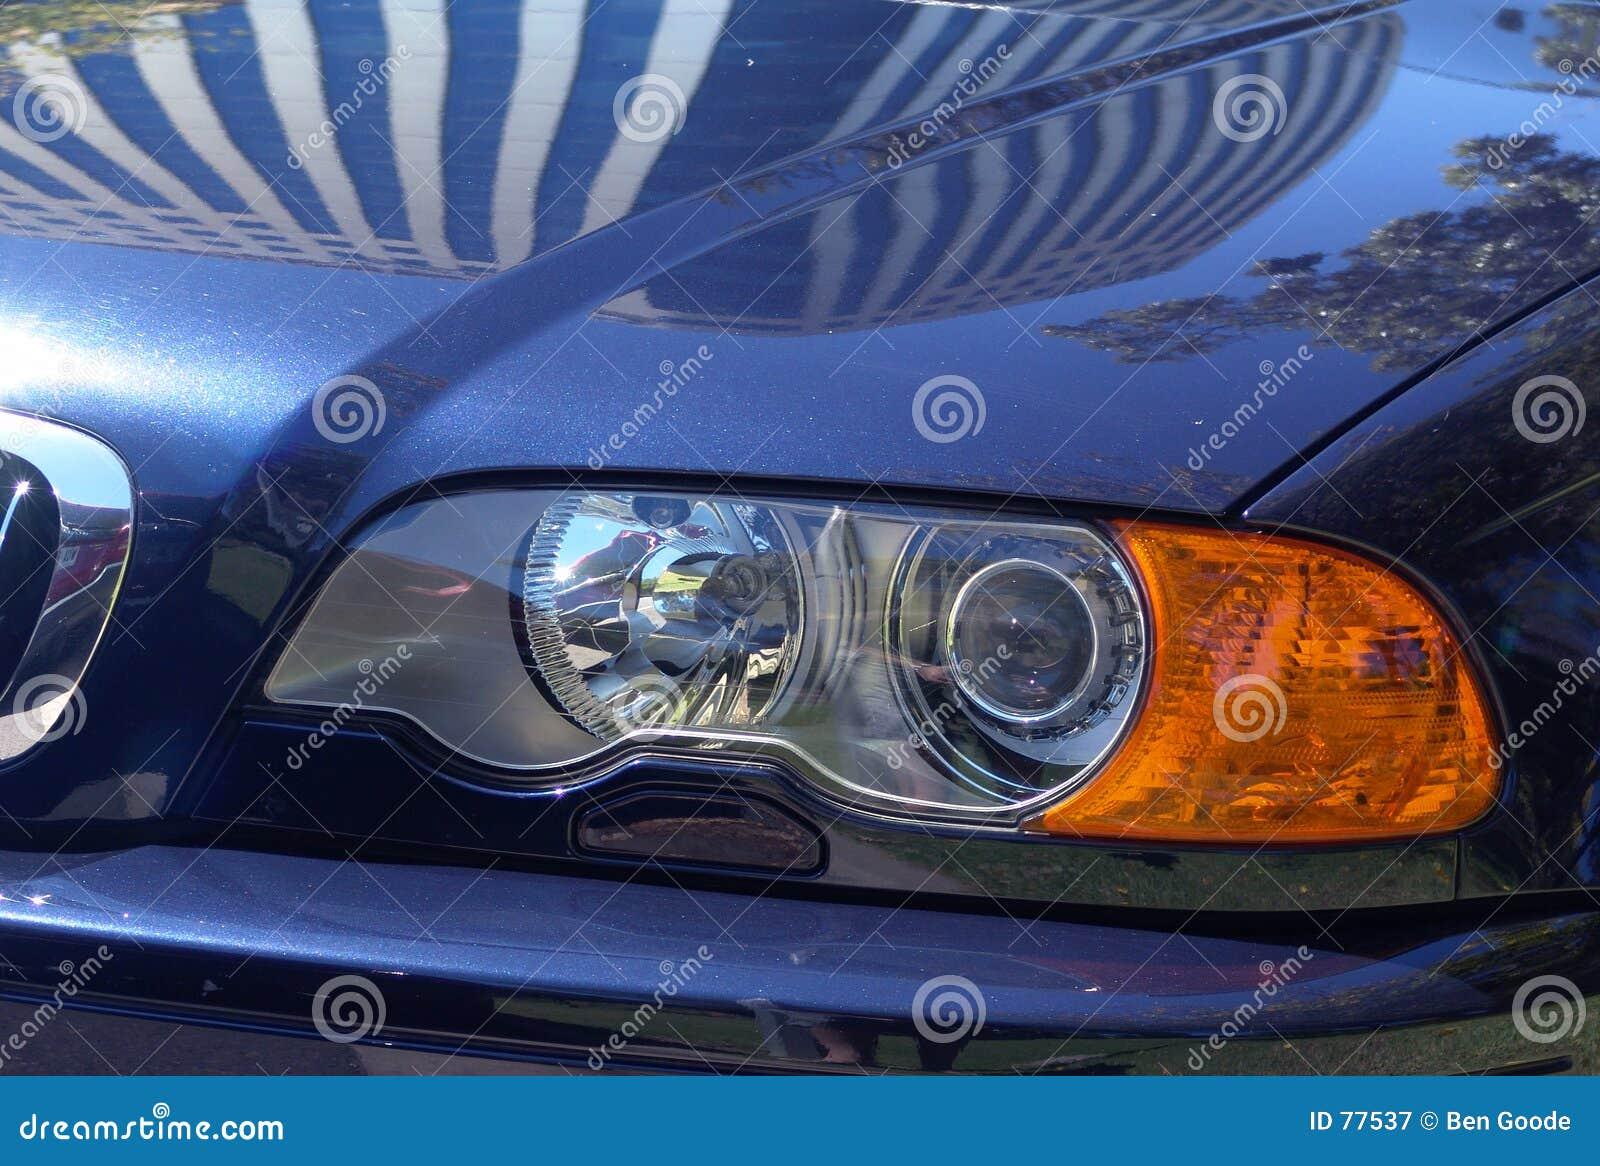 Car shiny sports